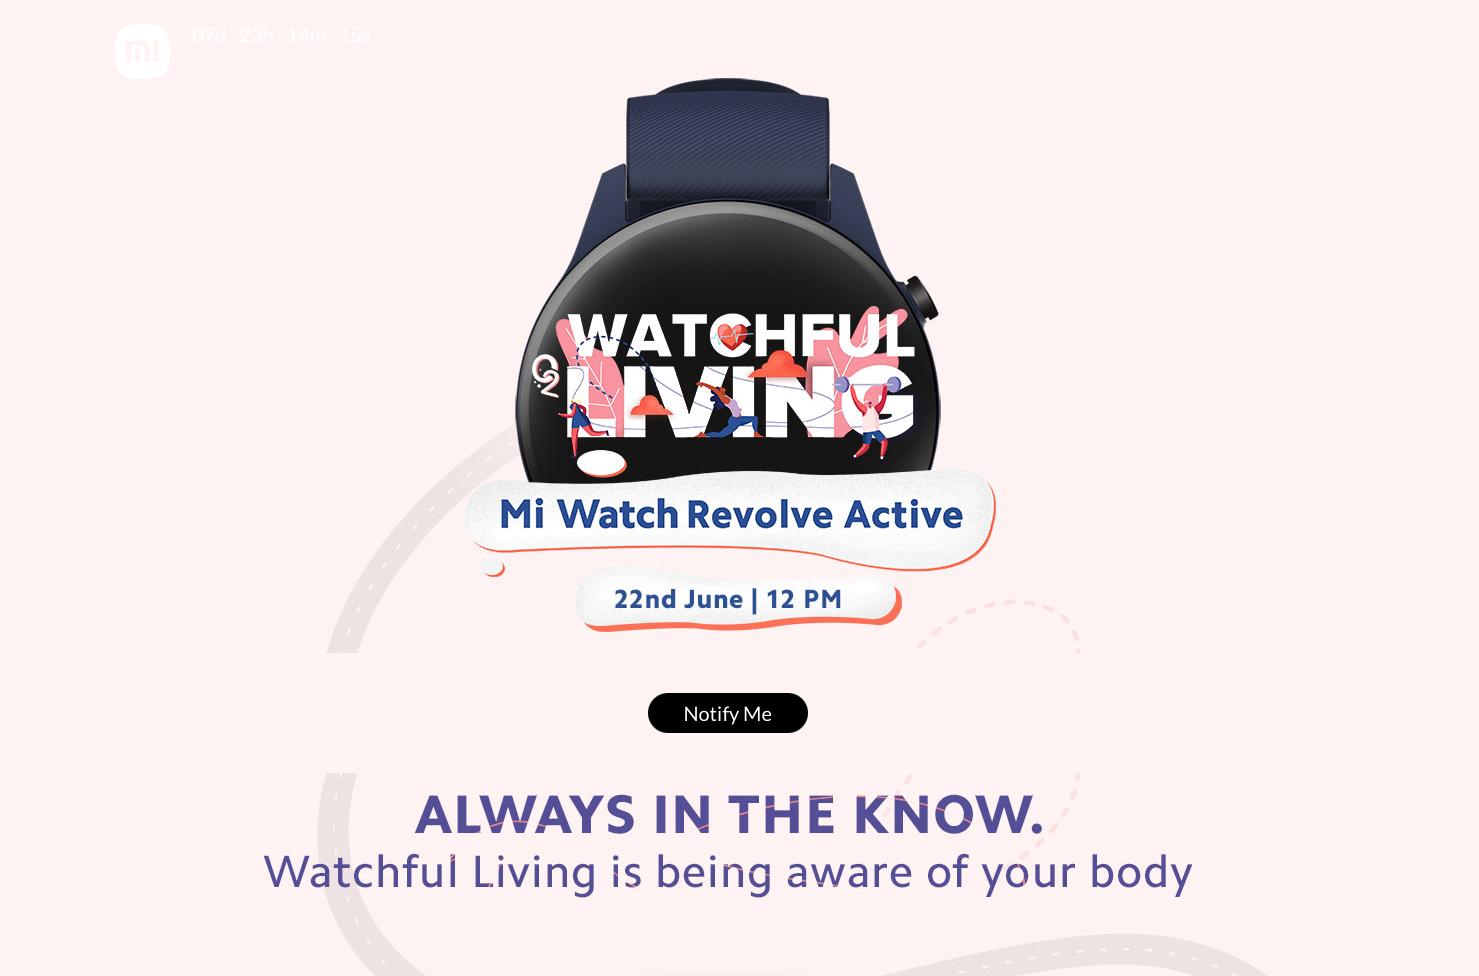 Xiaomi 22 июня анонсирует Mi Watch Revolve Active: смарт-часы с AMOLED-экраном, датчиком SpO2 и поддержкой Amazon Alexa